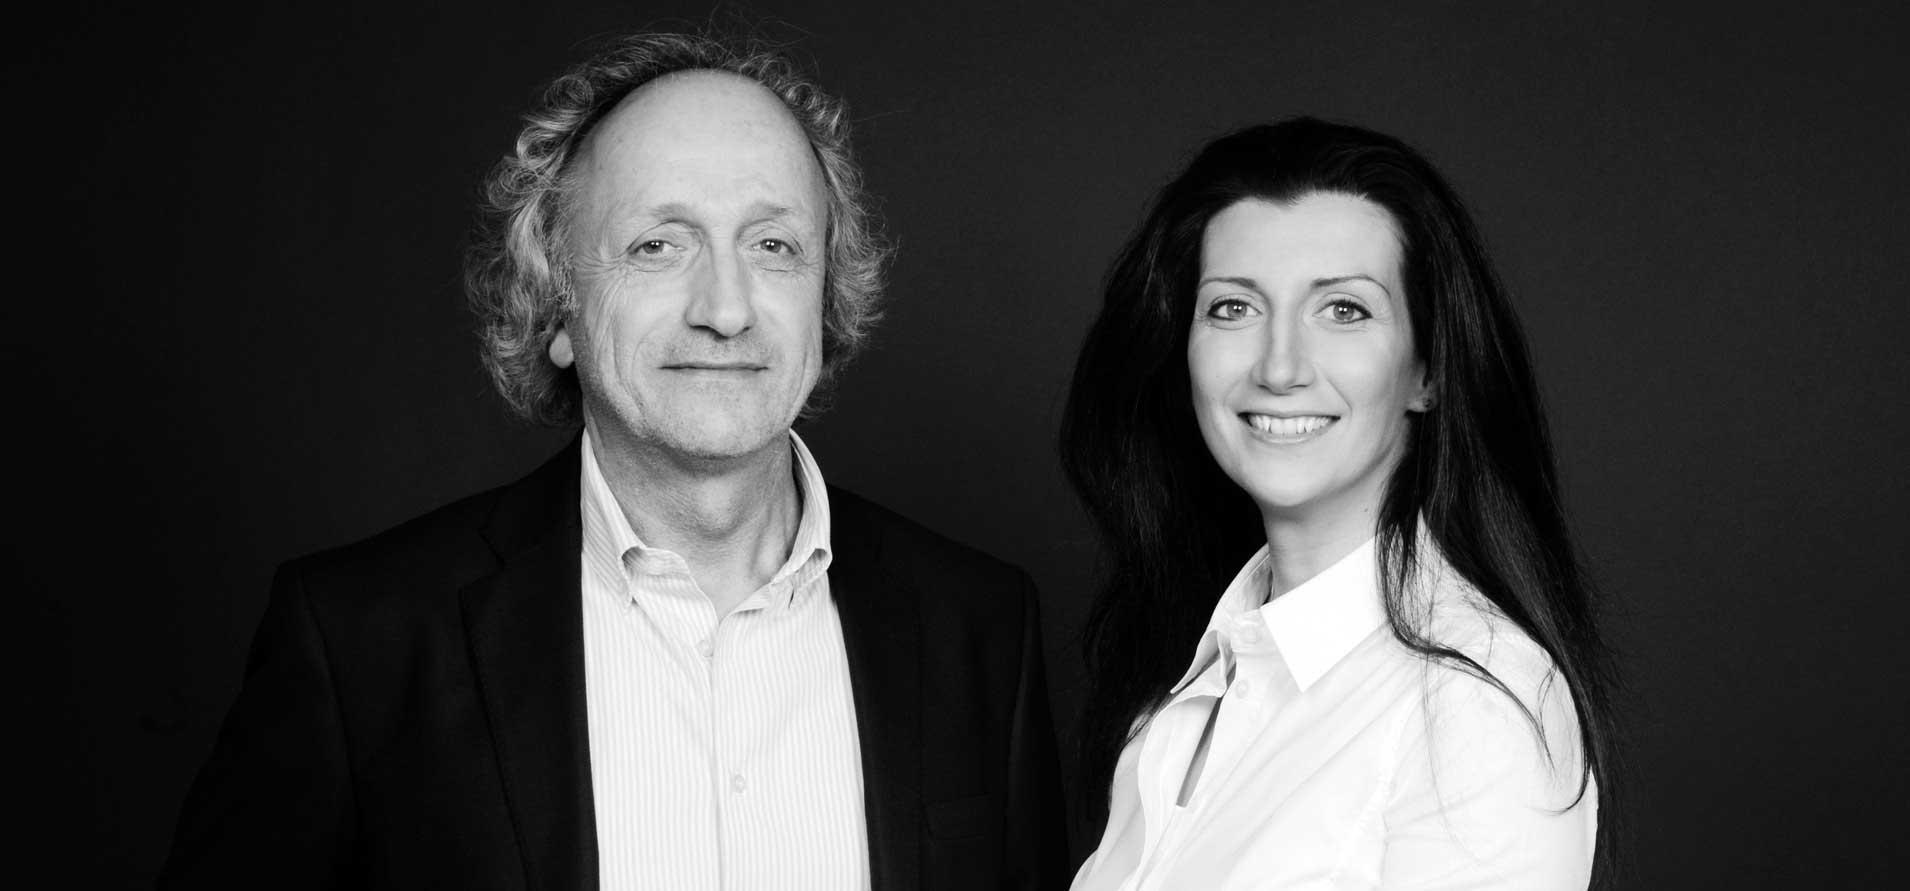 Foto in bianco e nero che ritrae i due fondatori dello studio a sinistra Enrico Cattaneo a destra Anna Cattaneo